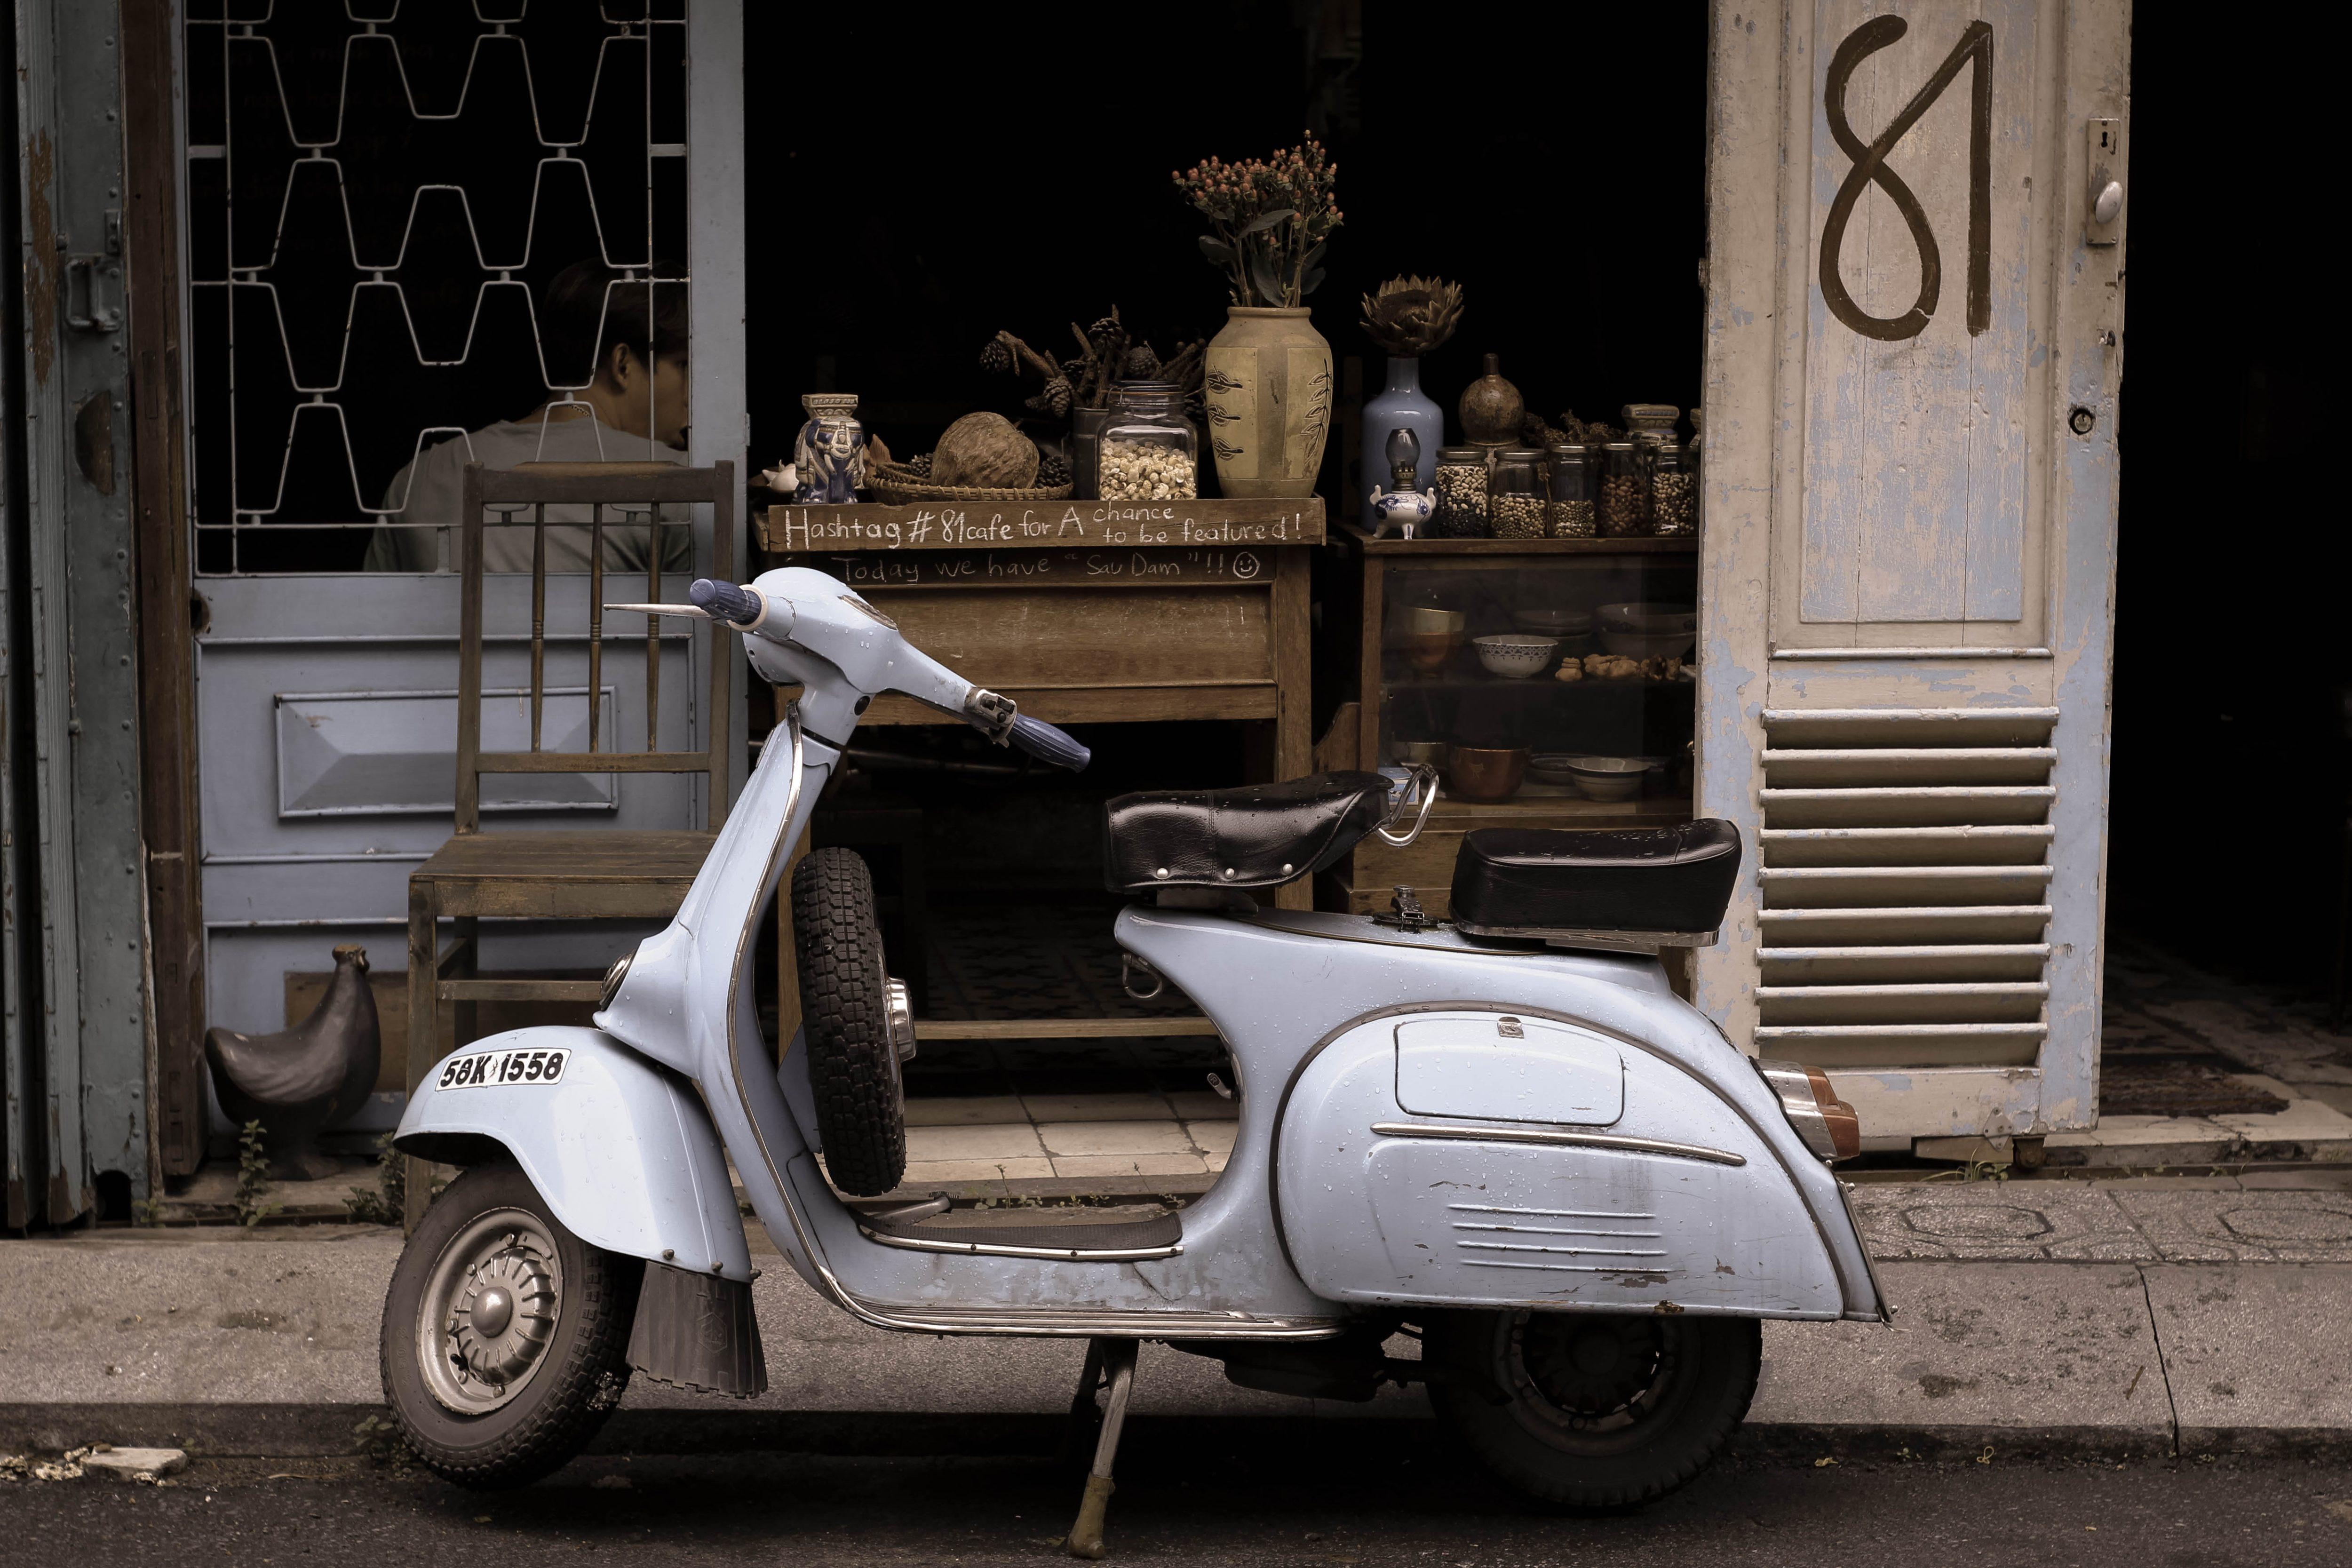 お店の前に停めてあるスクーター